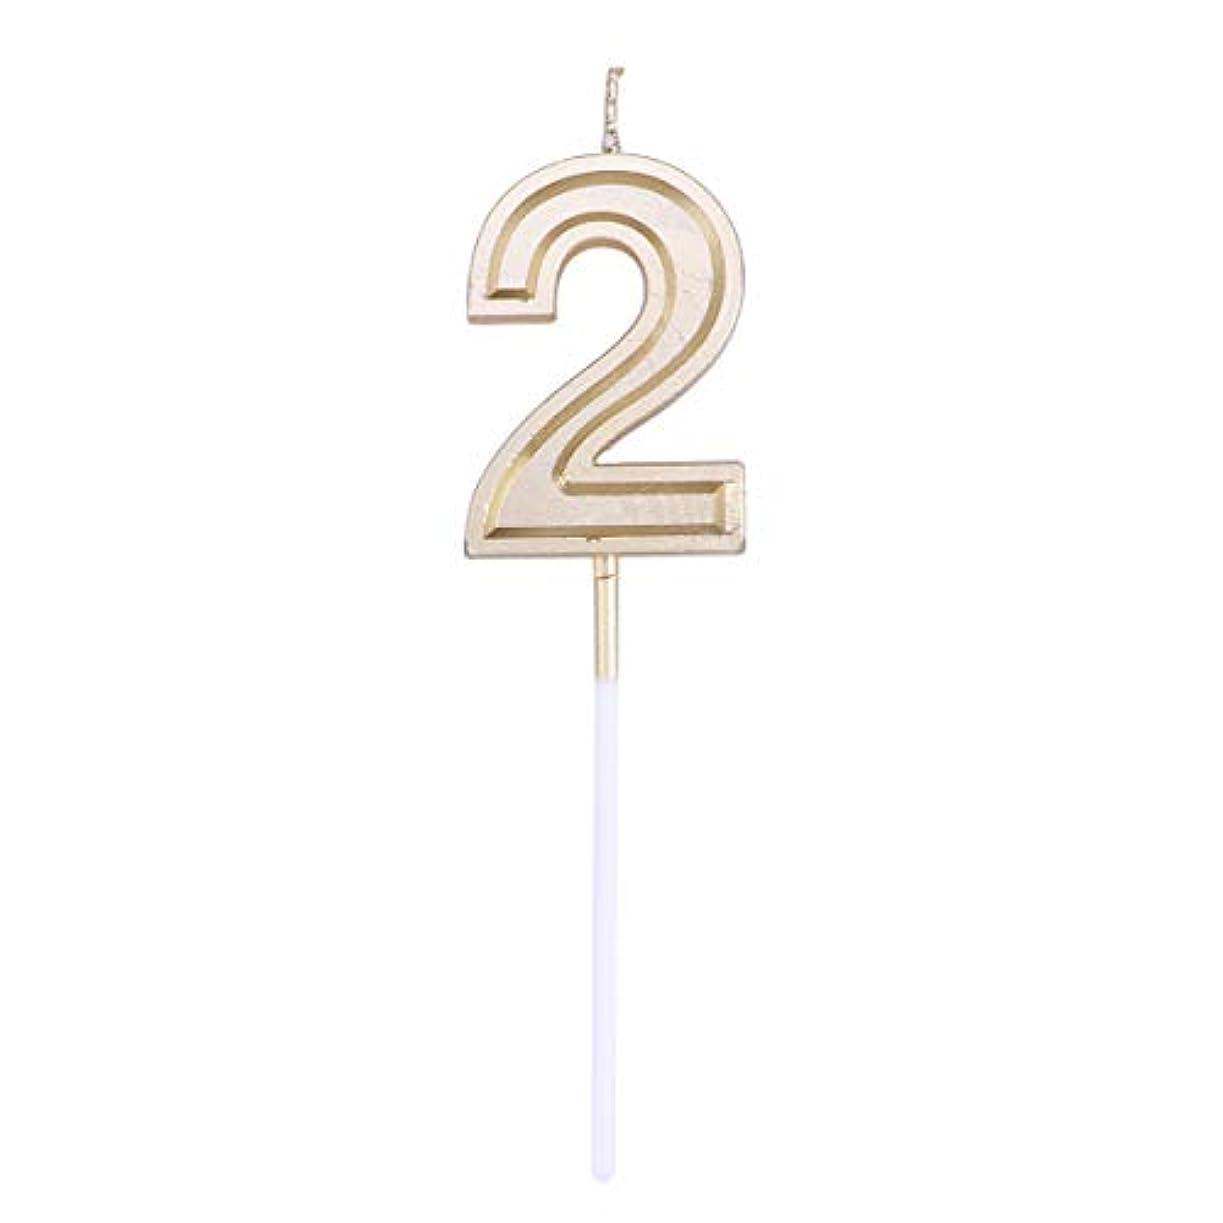 伸ばすハウジング解決Toyvian ゴールドラメ誕生日おめでとう数字キャンドル番号キャンドルケーキトッパー装飾用大人キッズパーティー(ナンバー2)